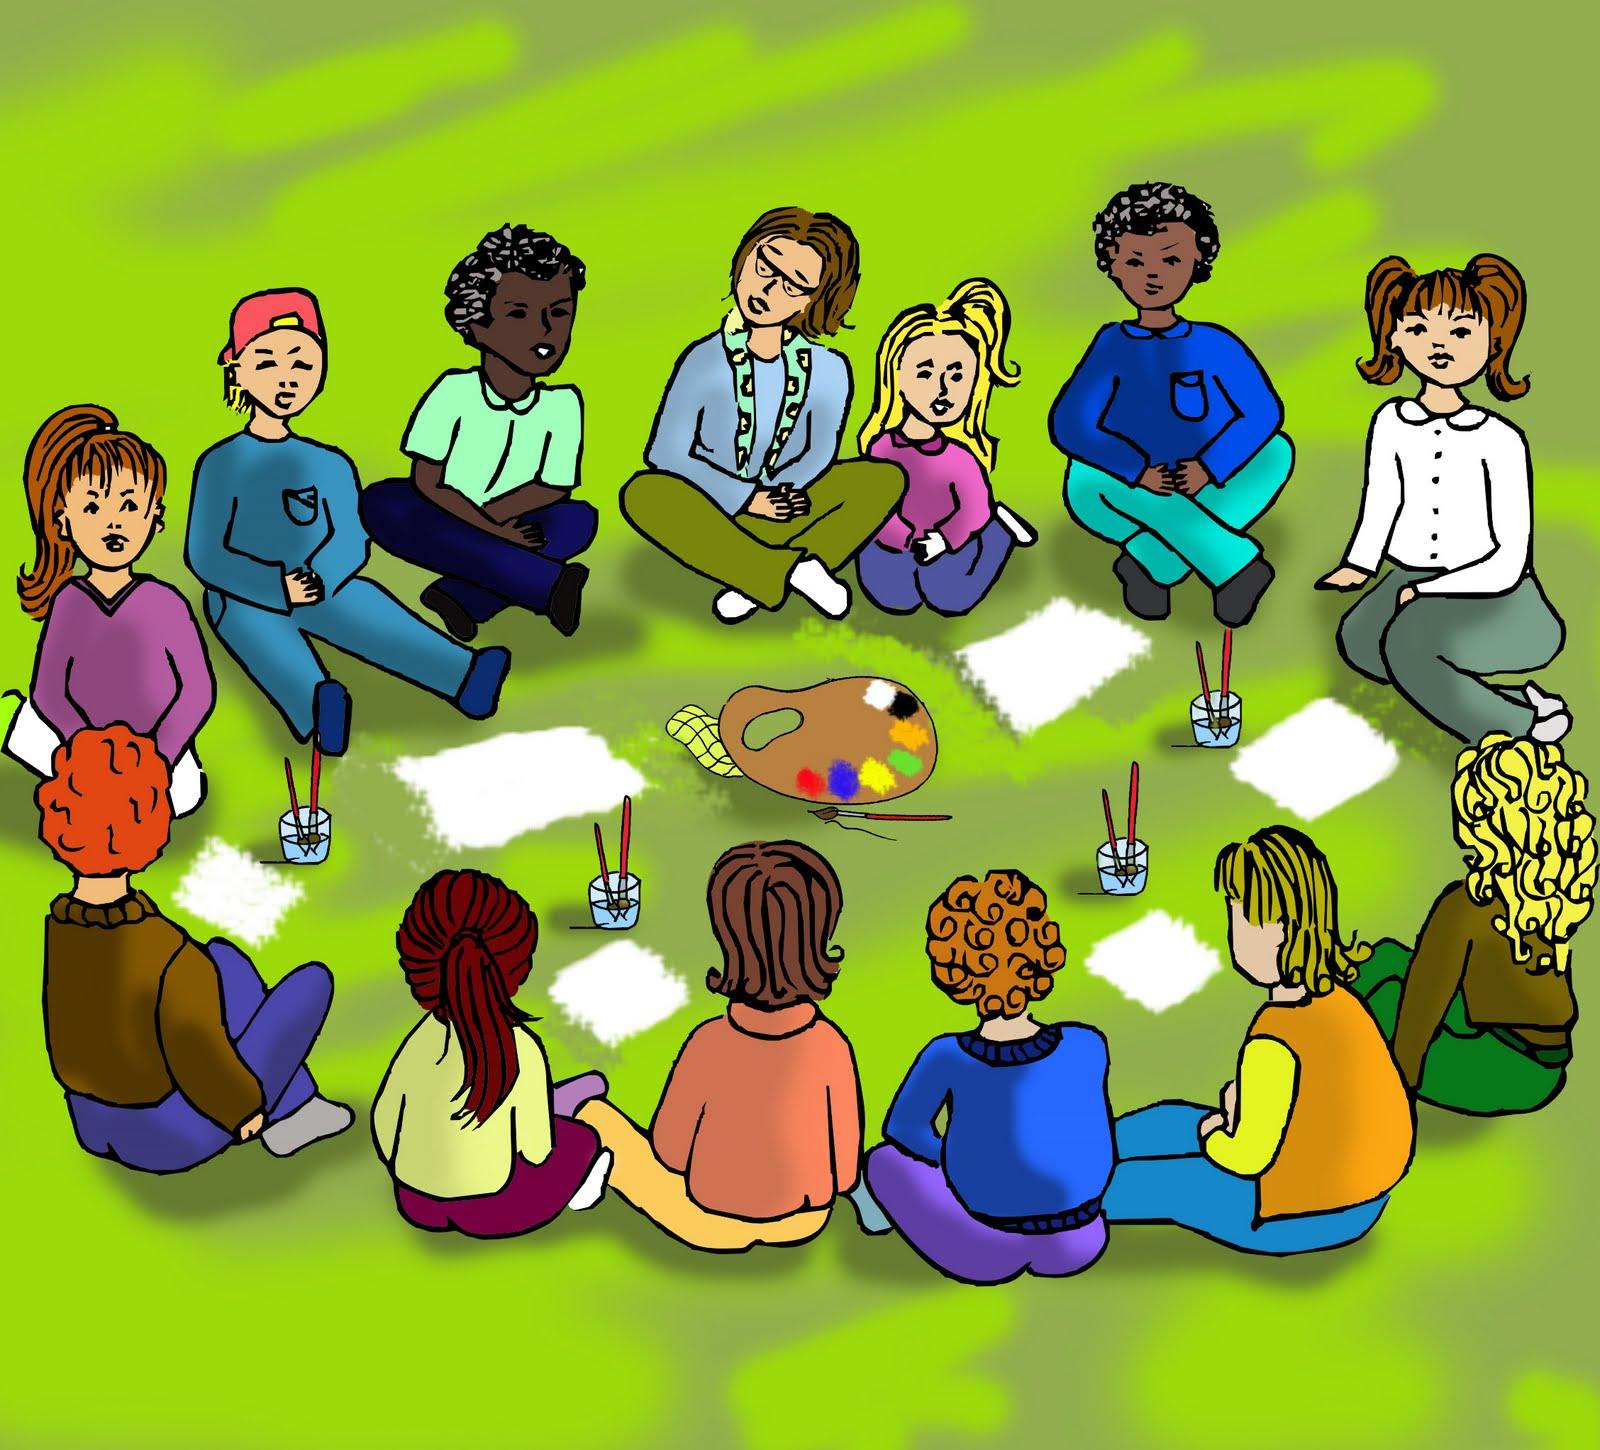 imagens de brincadeira de crian a para colorir